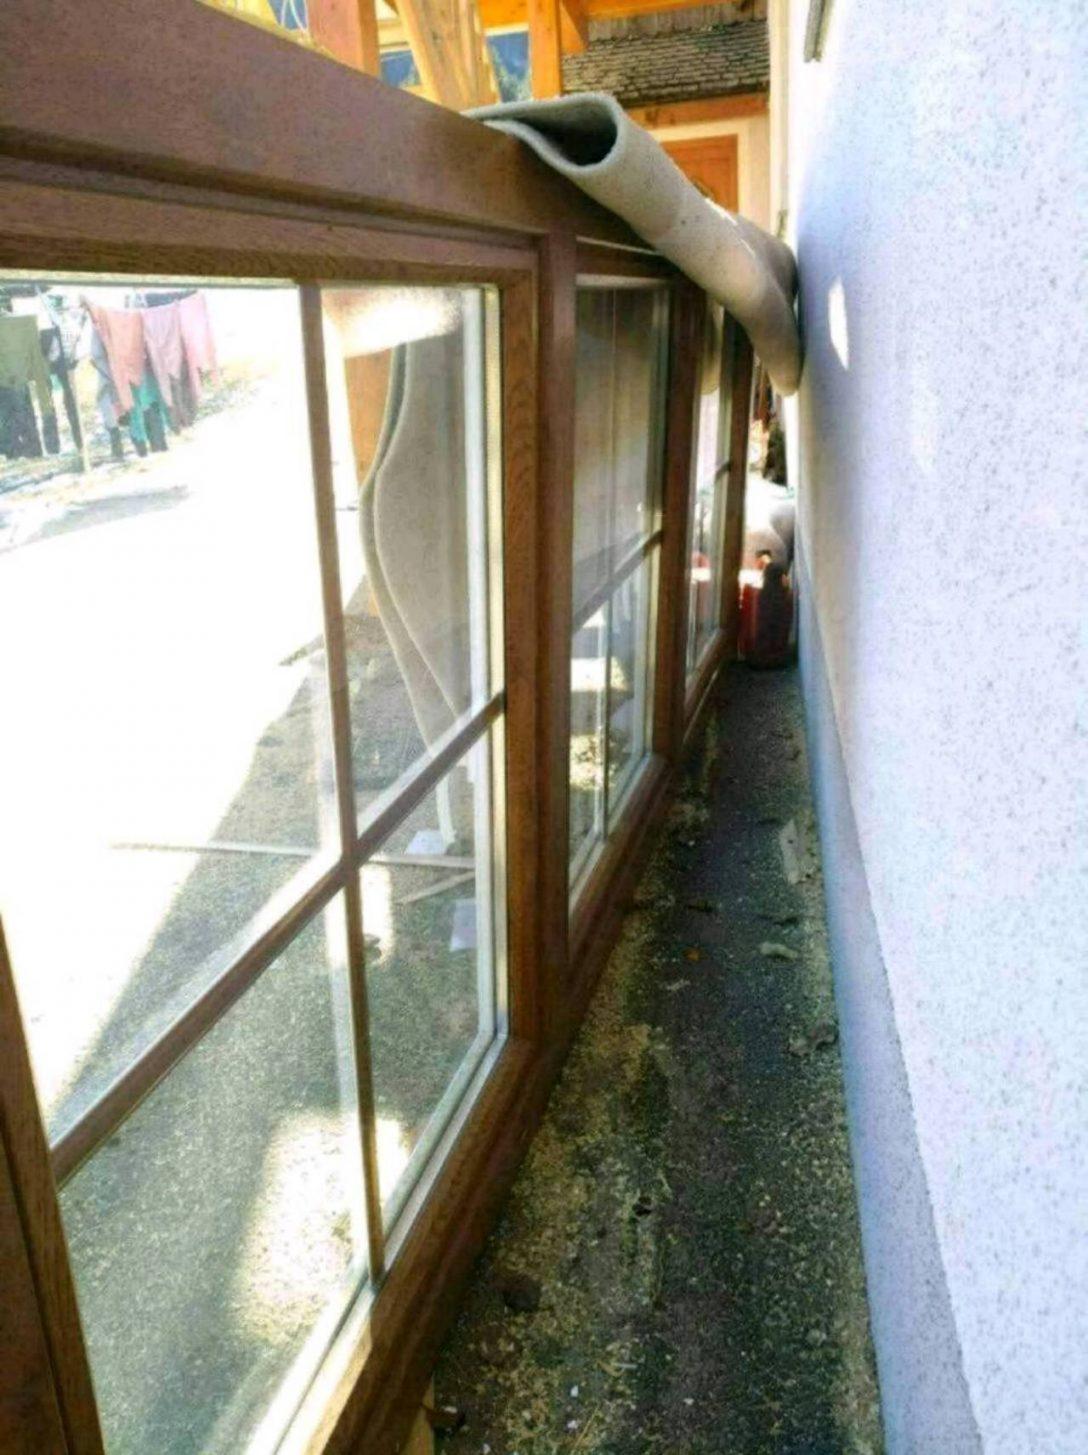 Large Size of Gebrauchte Fenster Kaufen 436html Küche Verkaufen Braun Rollos Jalousien Innen Mit Rolladen Sonnenschutz Günstig Insektenschutz Für Velux Schüco Bett Fenster Gebrauchte Fenster Kaufen